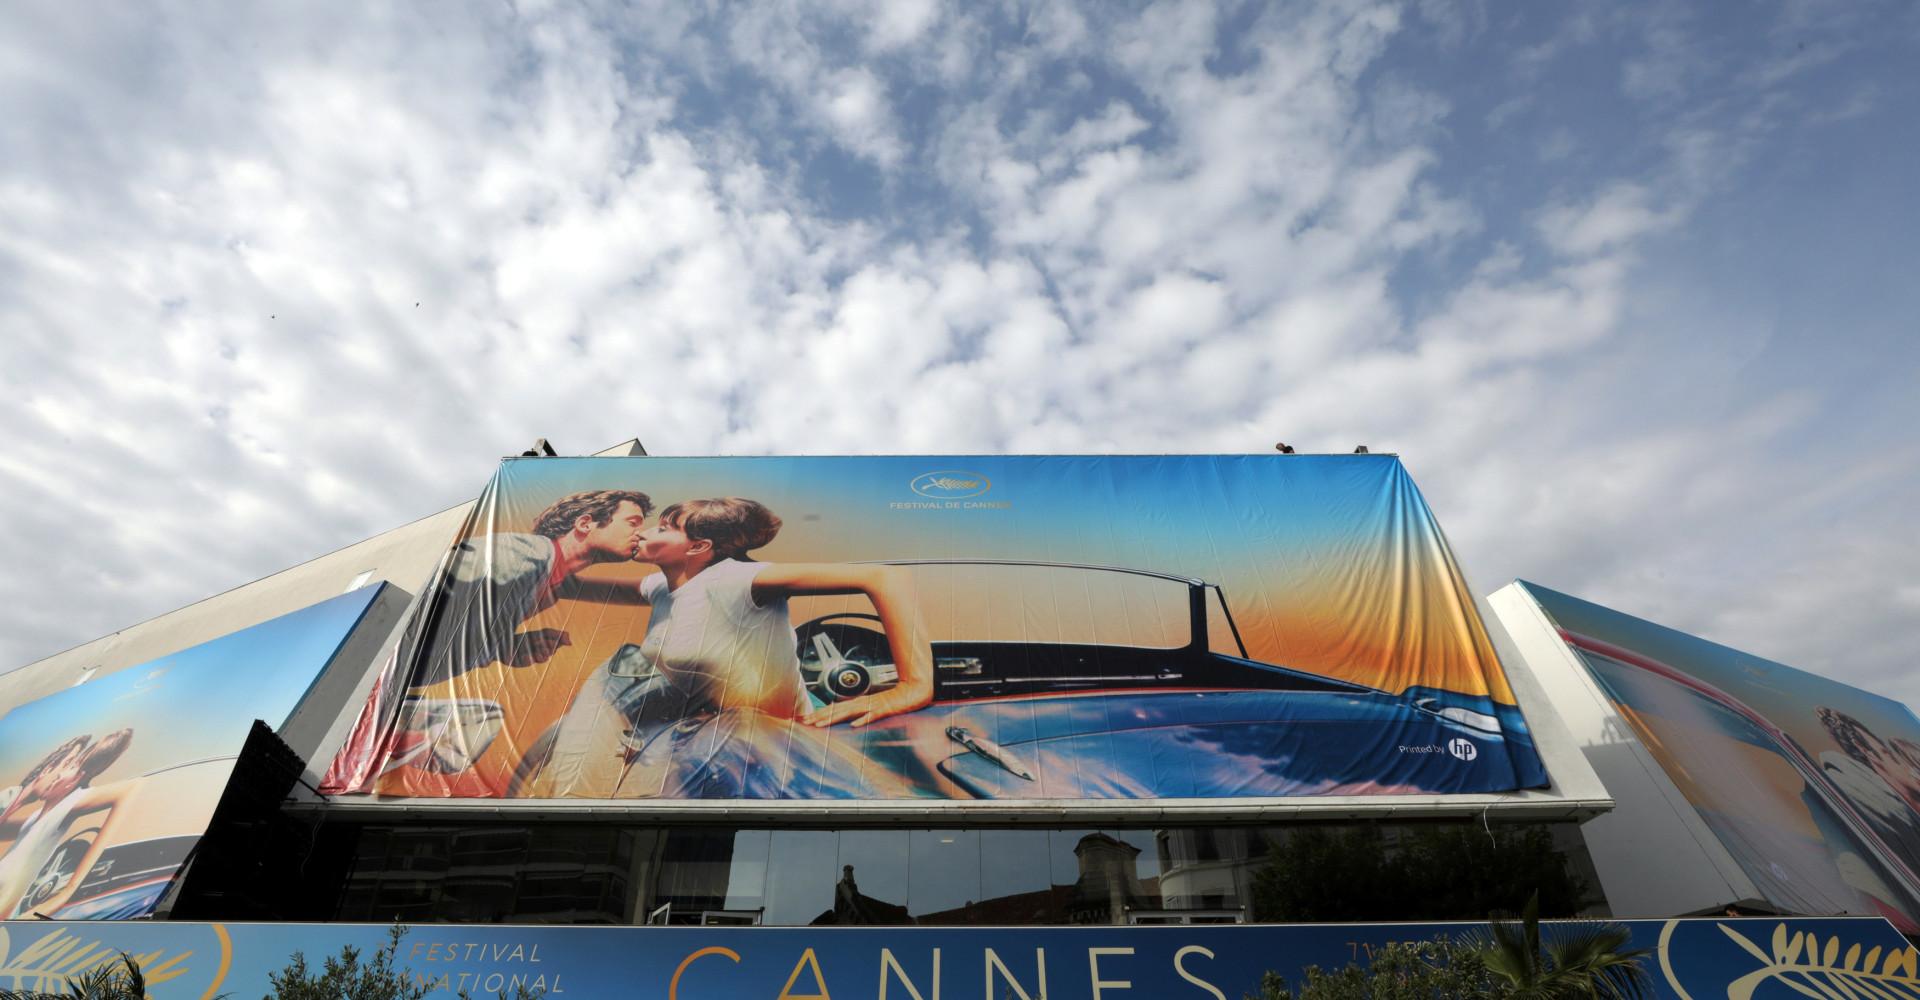 Comment les organisateurs du Festival de Cannes tentent de rendre l'événement populaire?